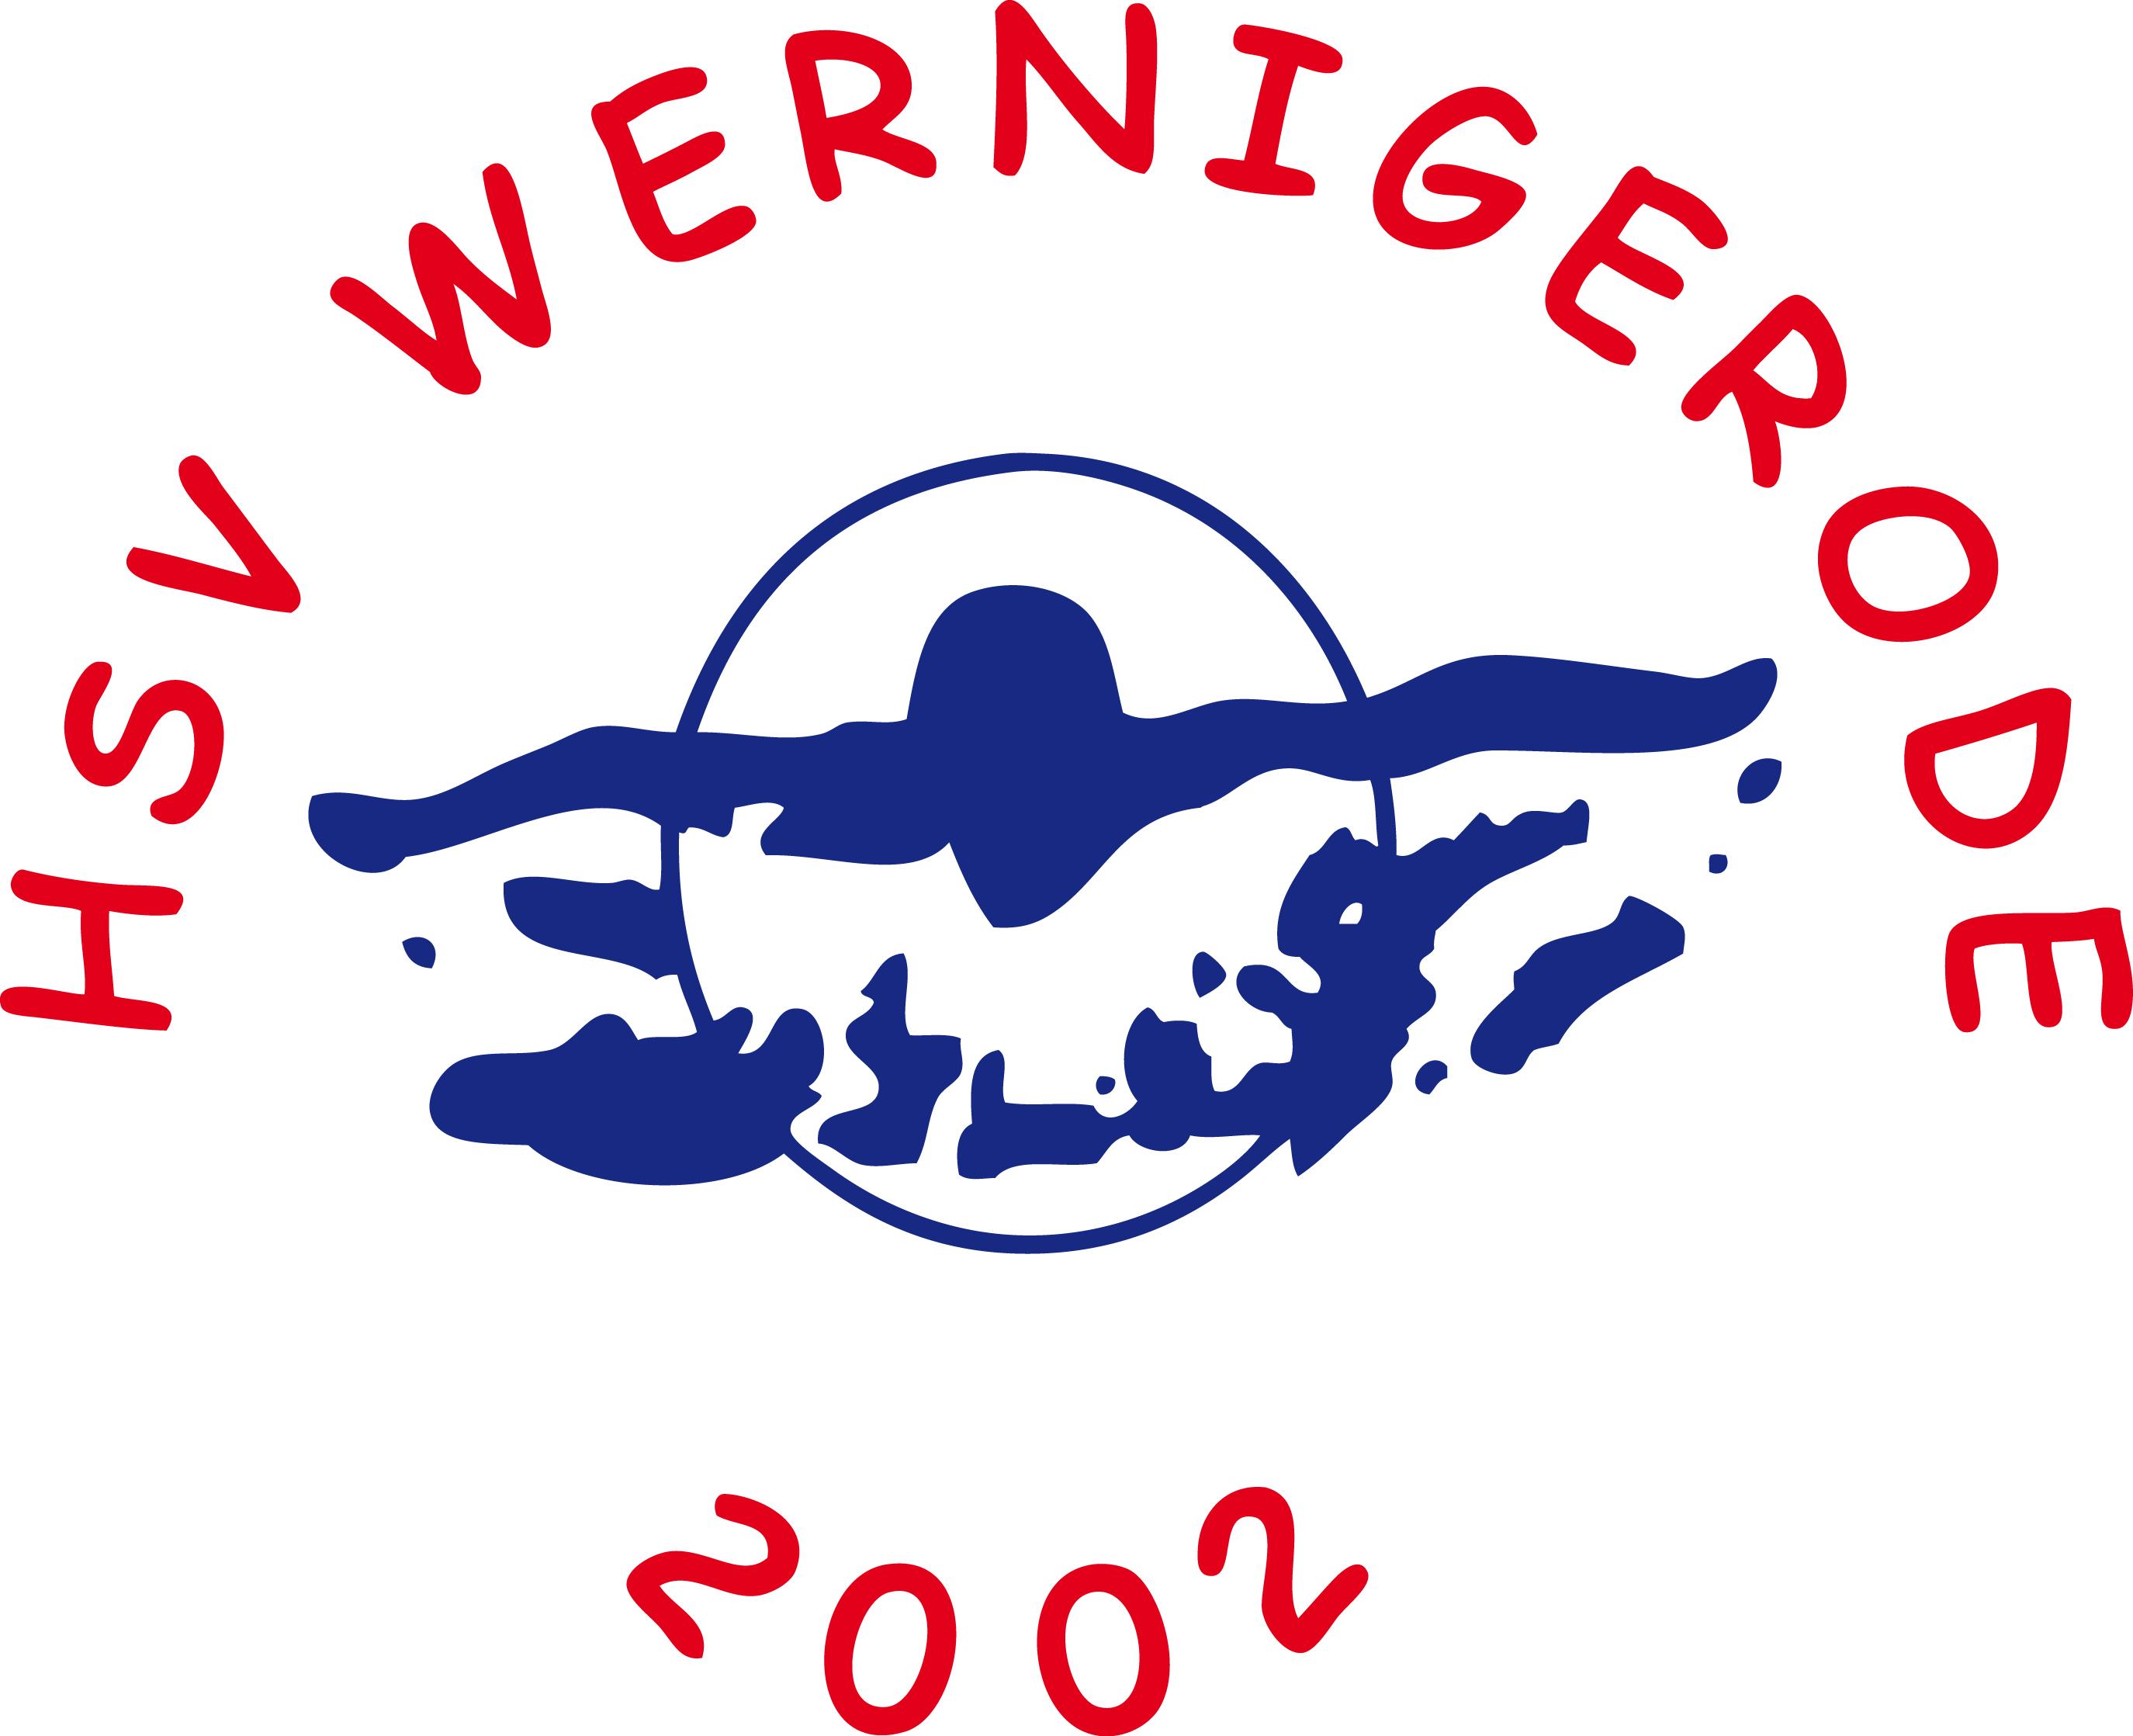 HSV Wernigerode